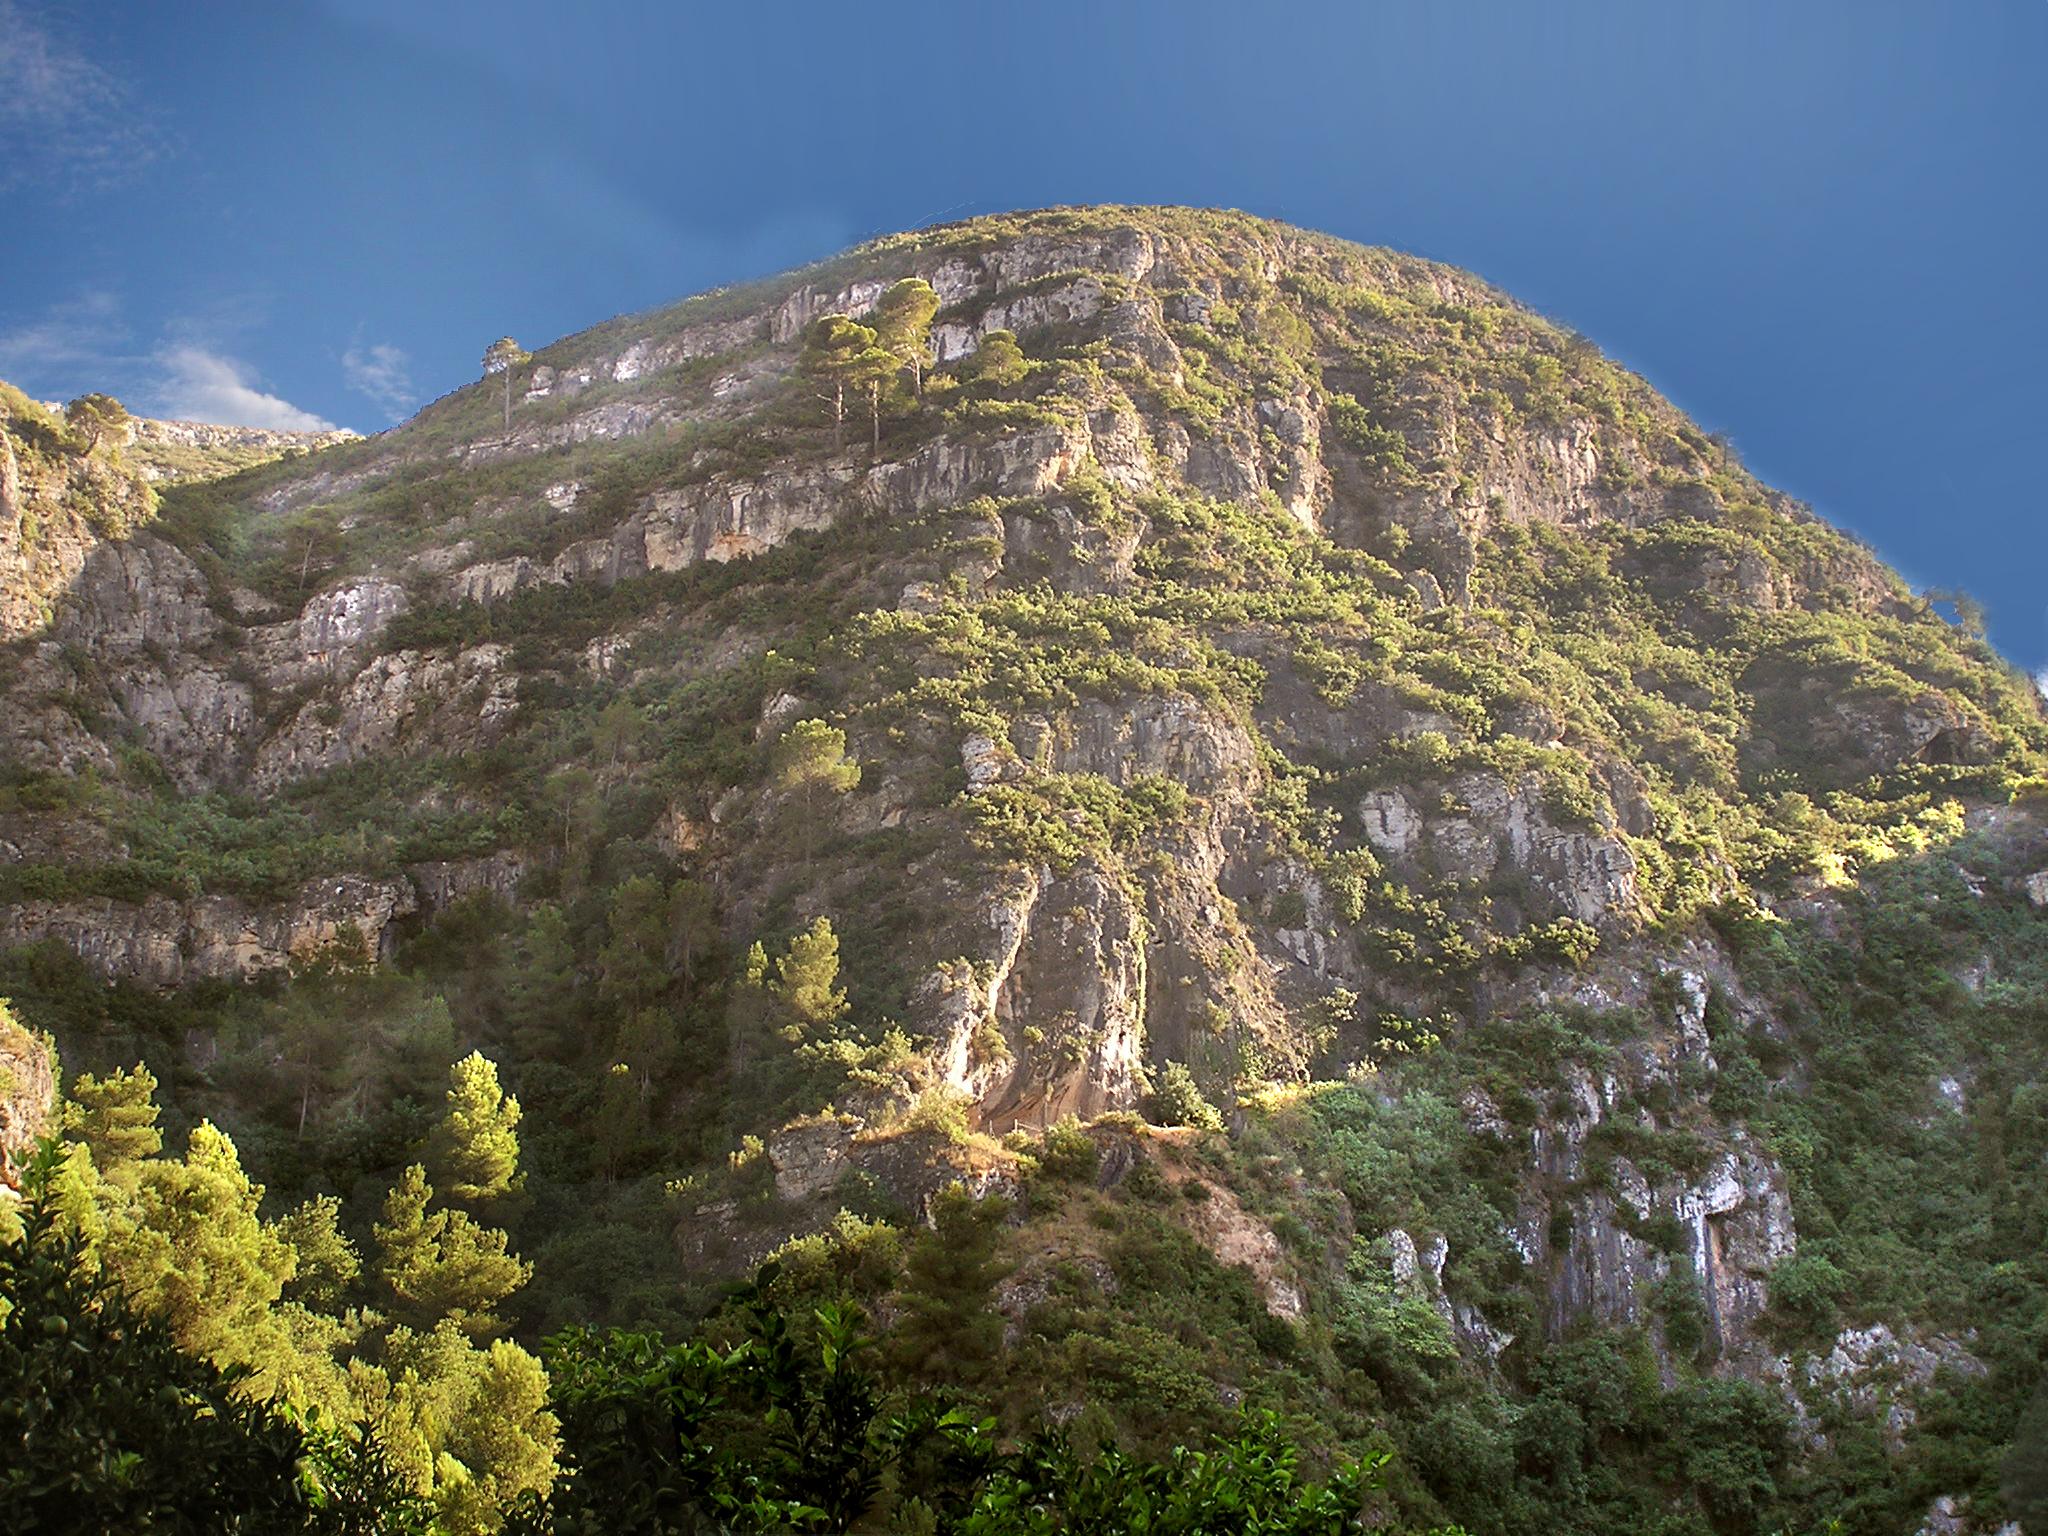 Boca de la cueva en el farallón rocoso. Vista meridional